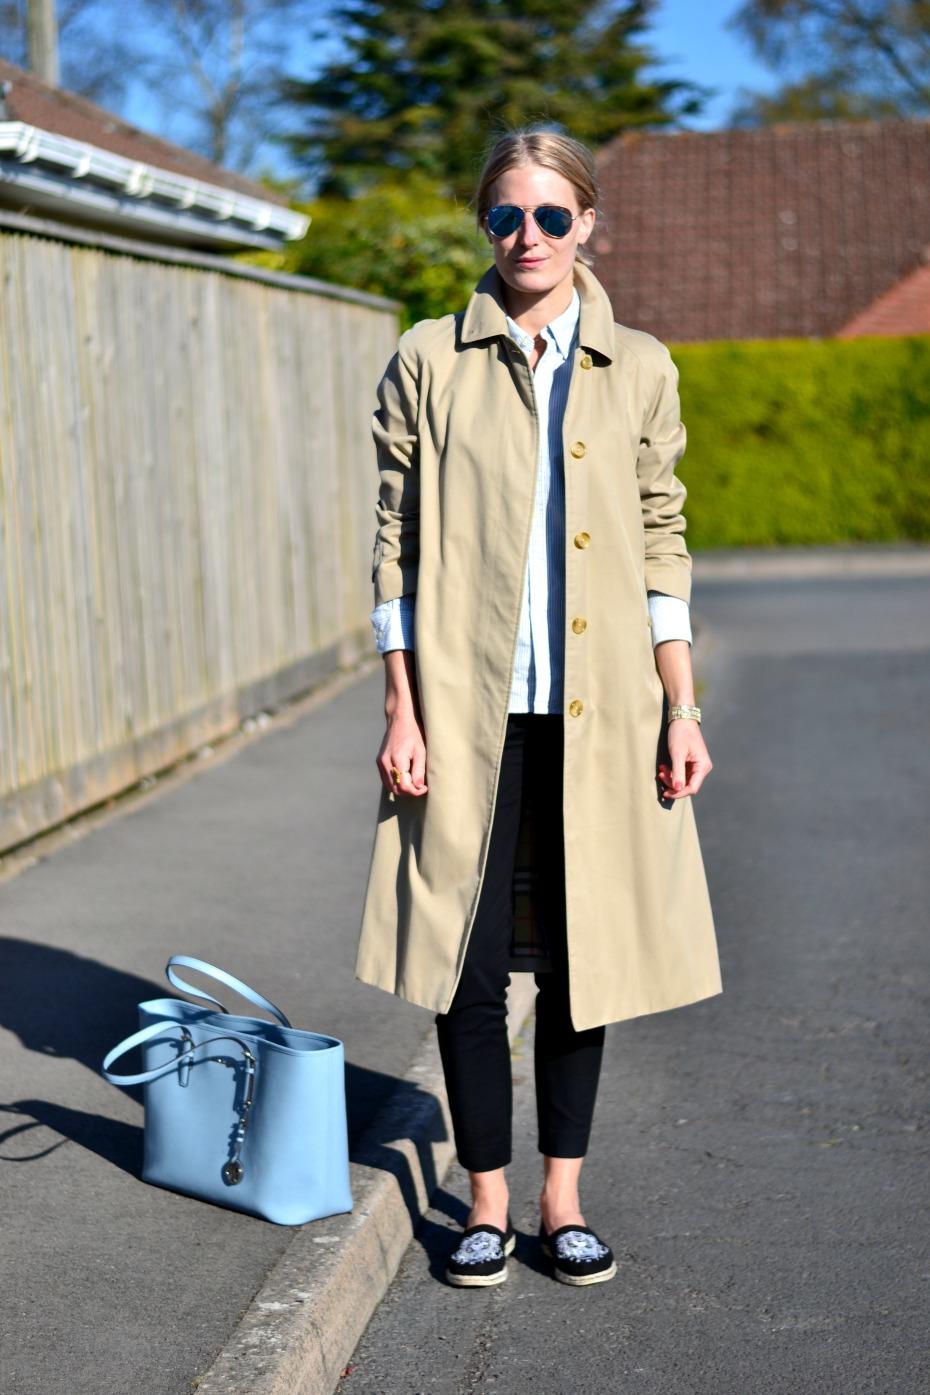 burberry_trench_coat_kenzo_espadrilles_rayban_ralph_lauren_michael_kors